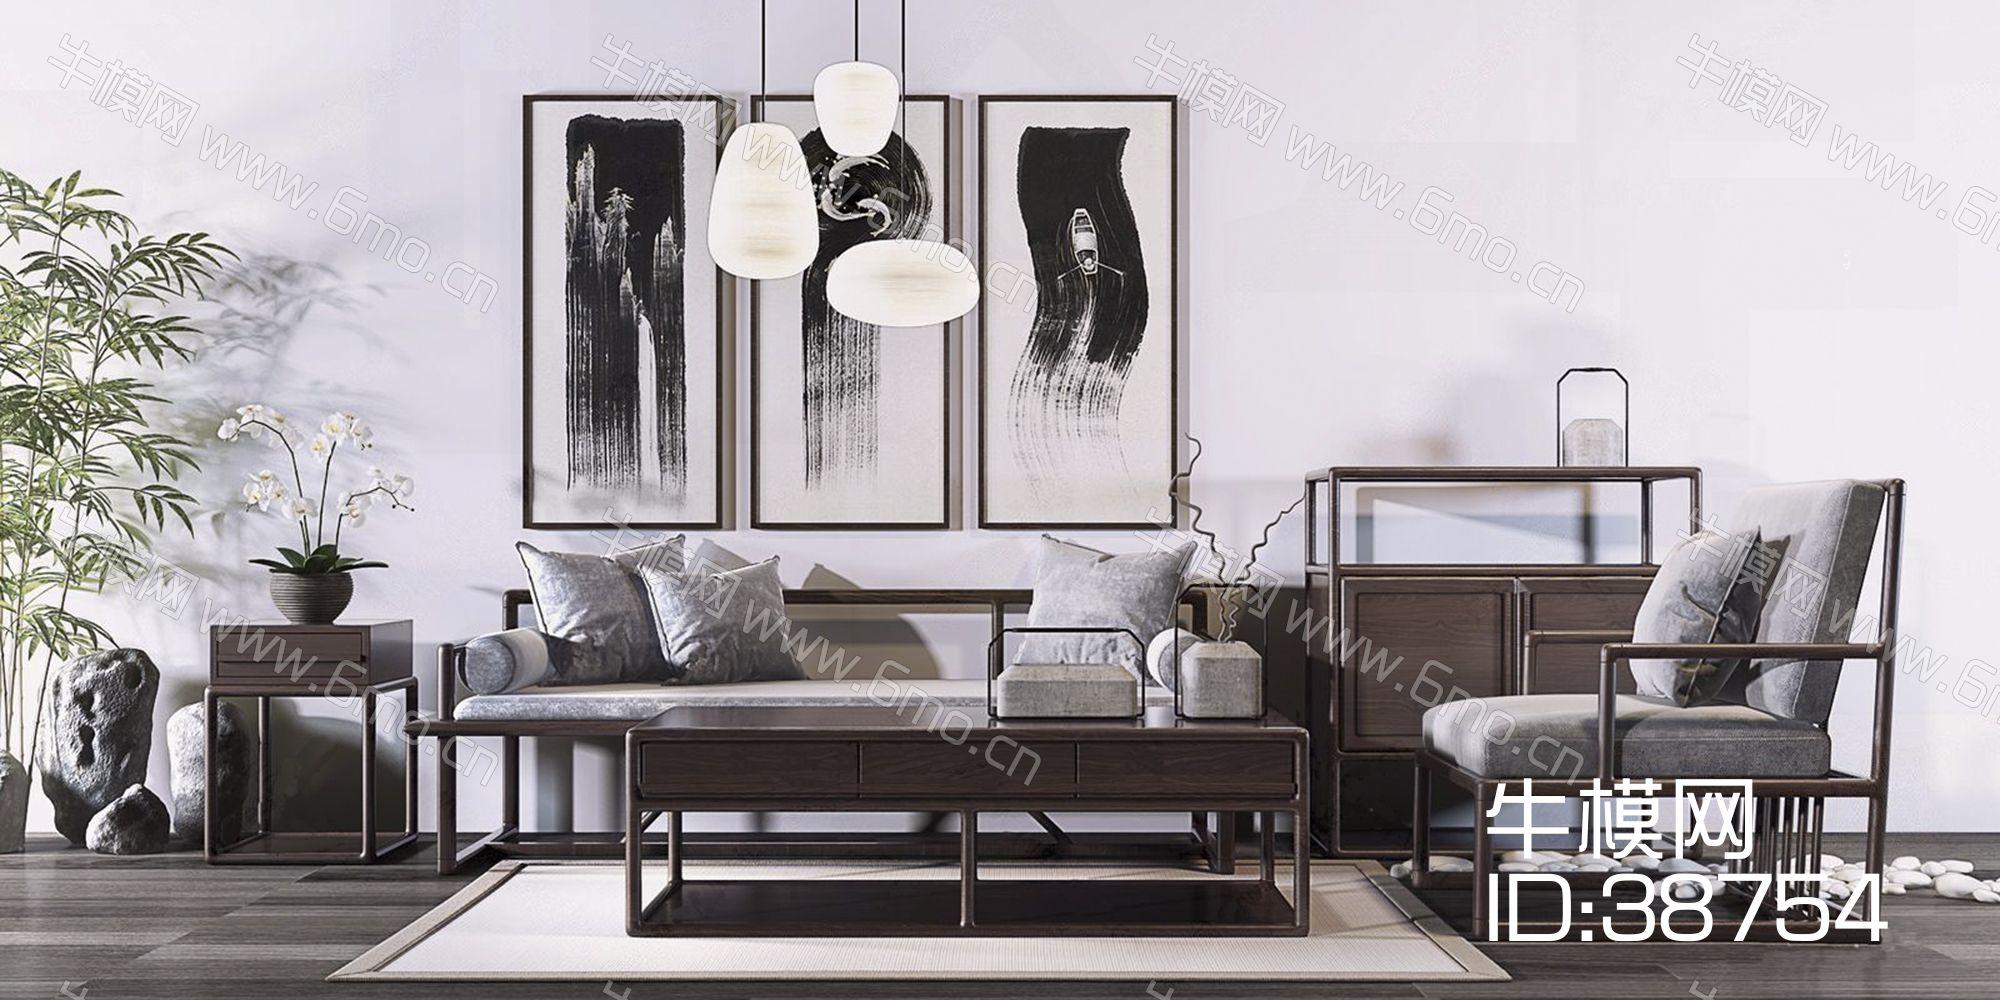 中式木纹椅子、茶几、装饰画组合